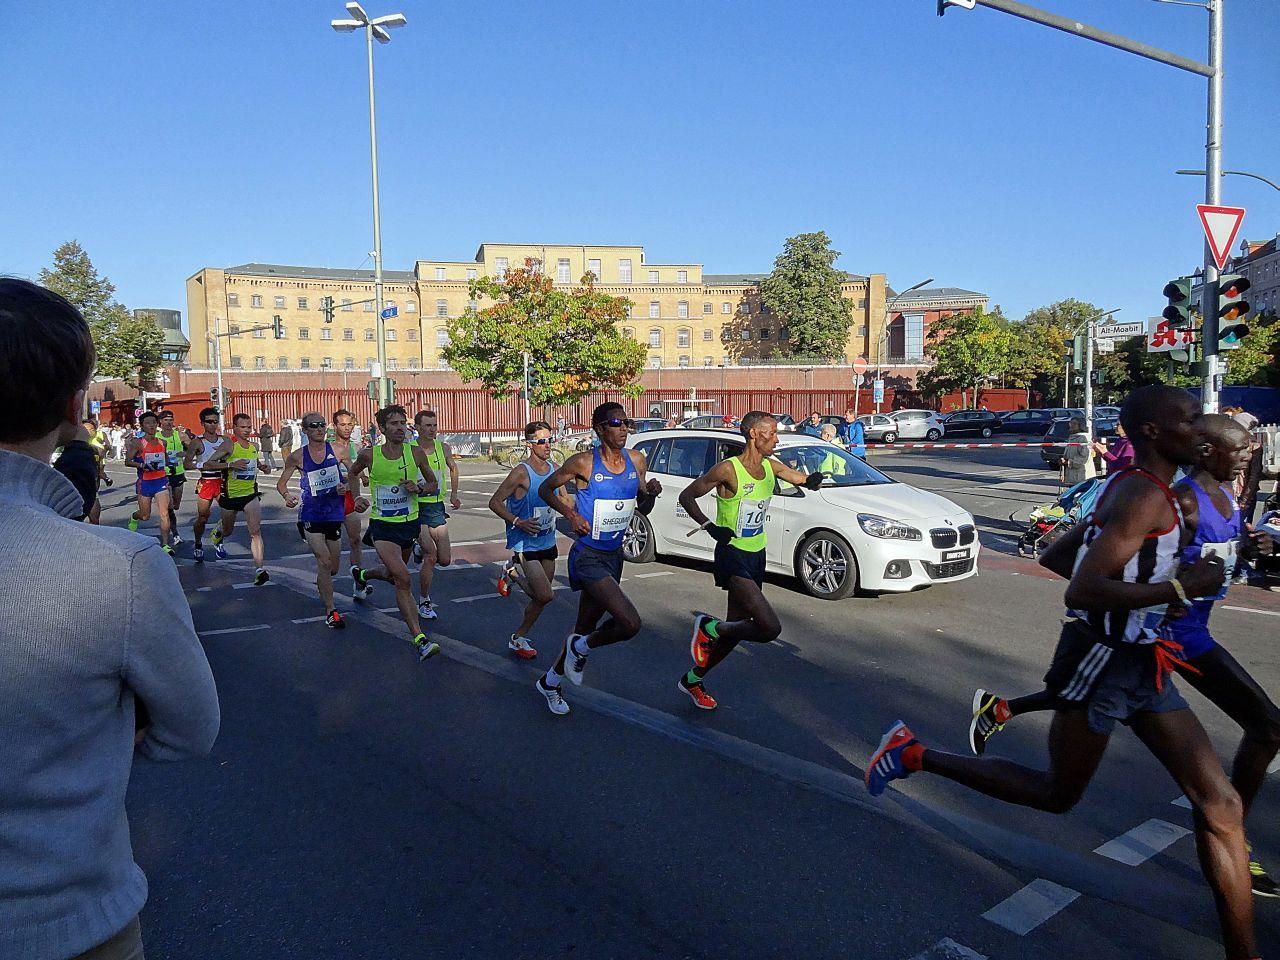 Hier sehen Sie die Eliteläufer beim Berlin Marathon 2015.